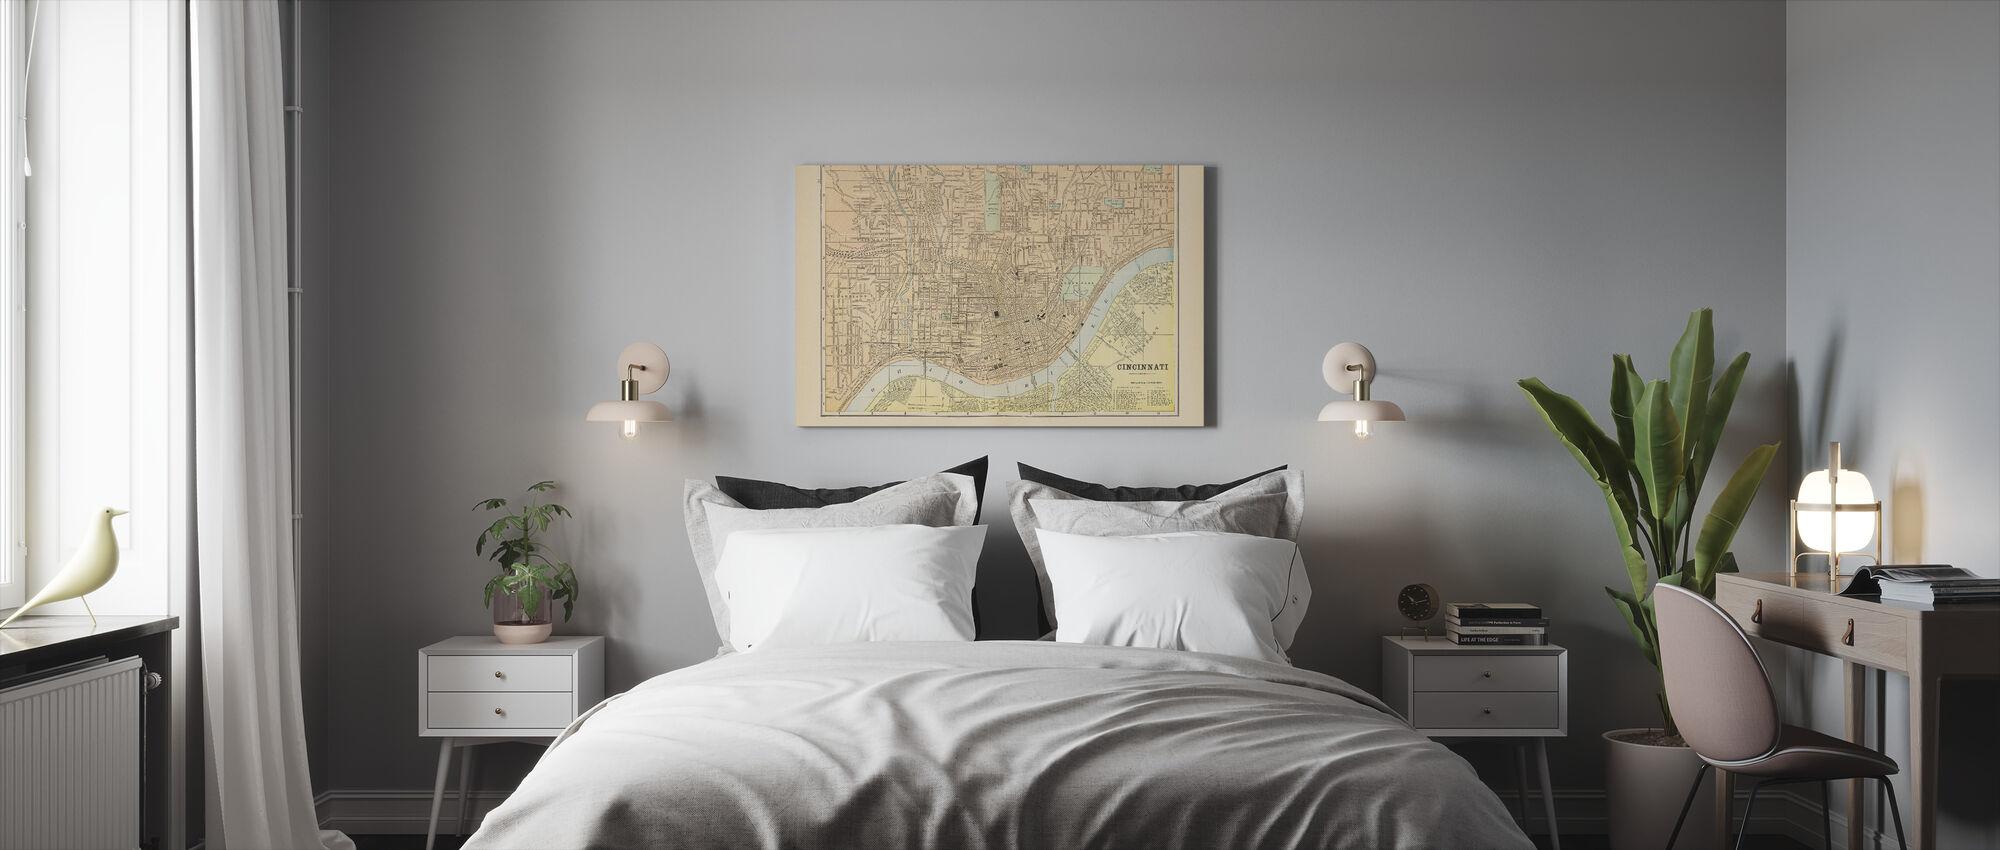 Kaart van Cincinnati - Canvas print - Slaapkamer